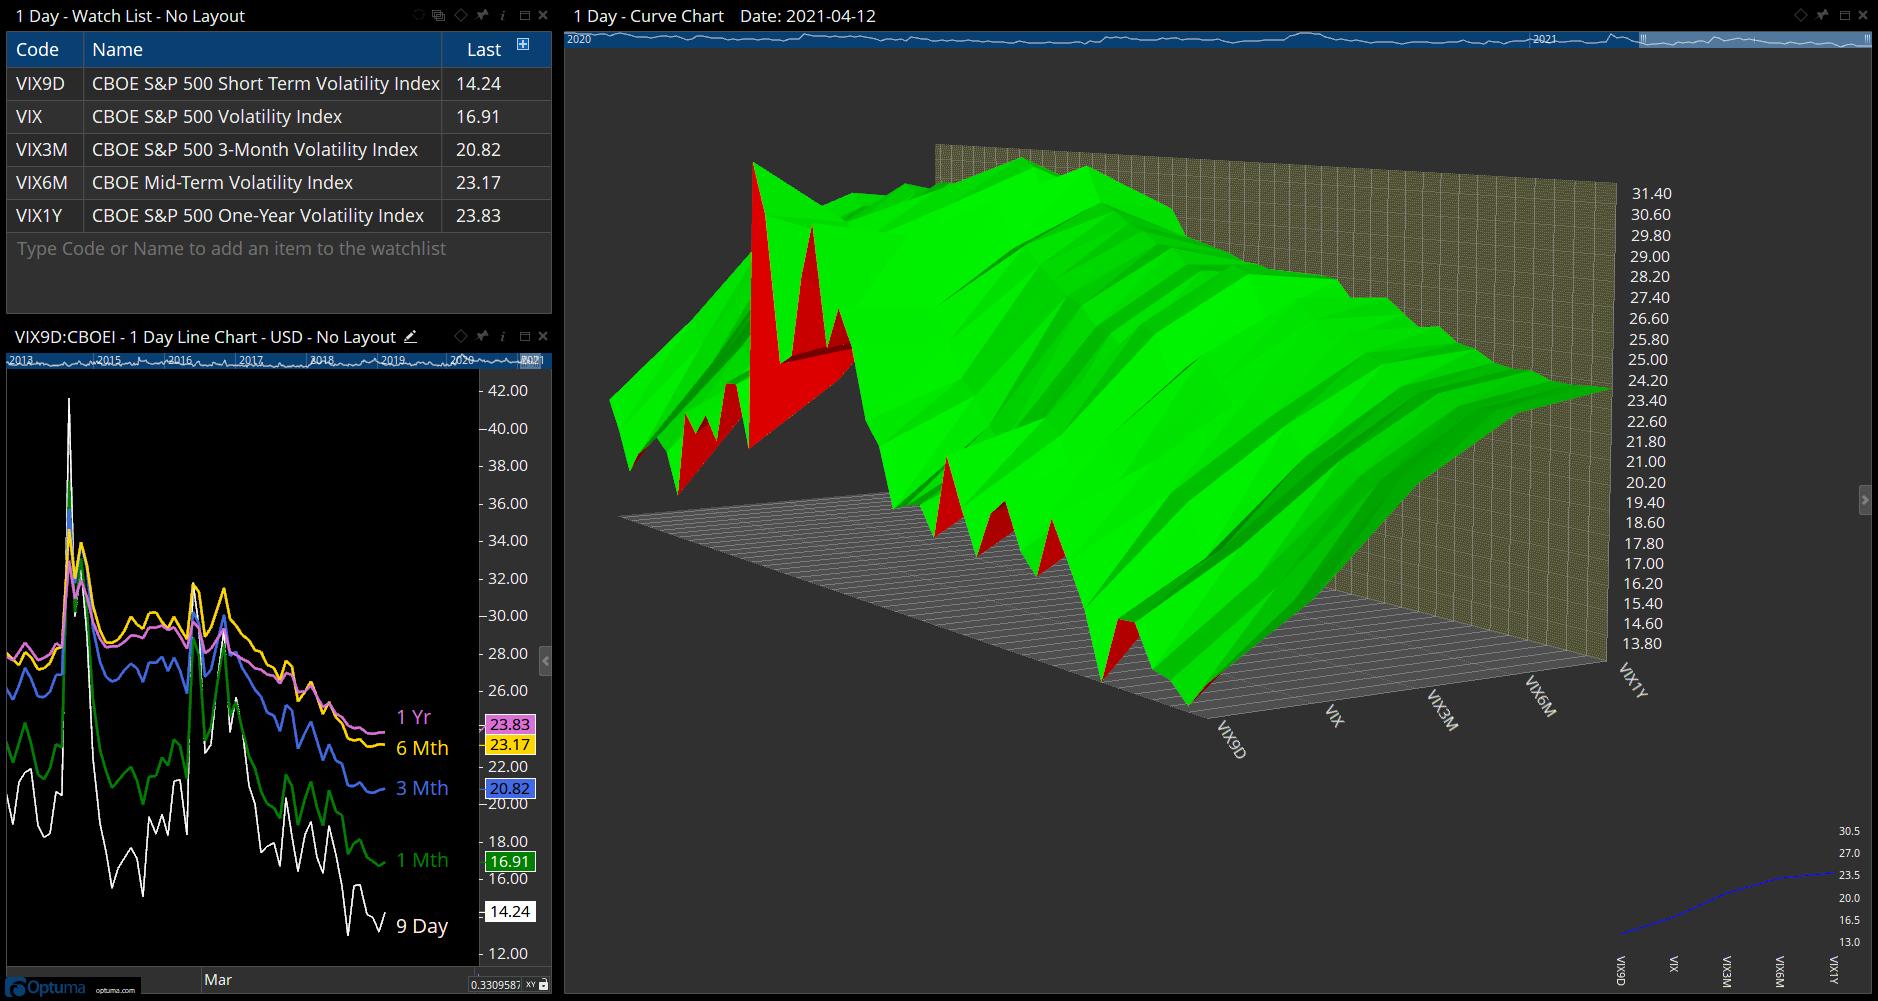 VIX Indices Curve